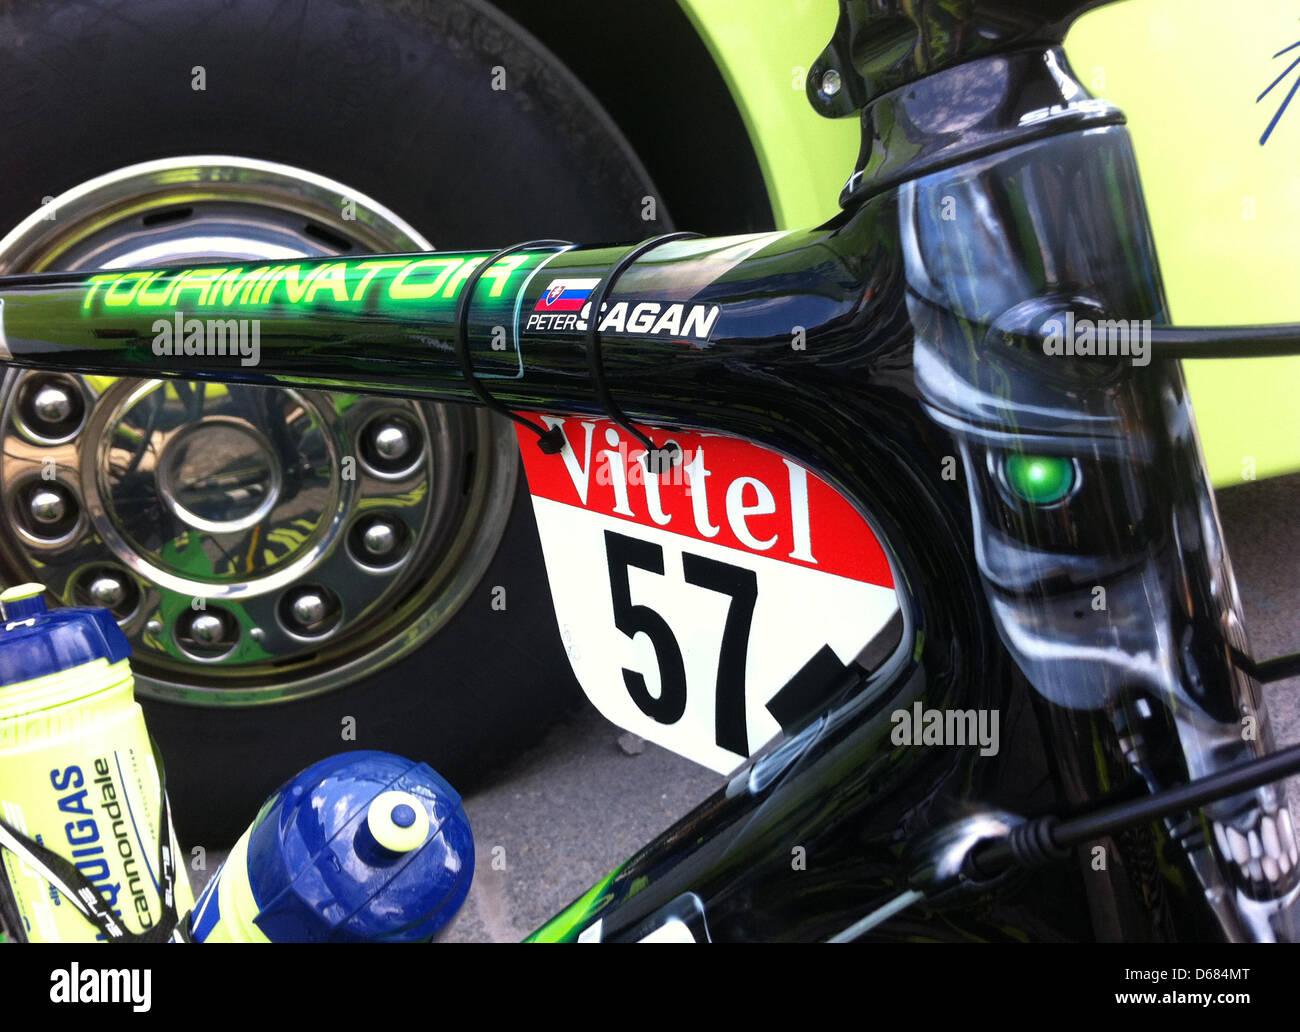 Das Rennrad der slowakischen Radrennfahrer Peter Sagan von Liquigas ...